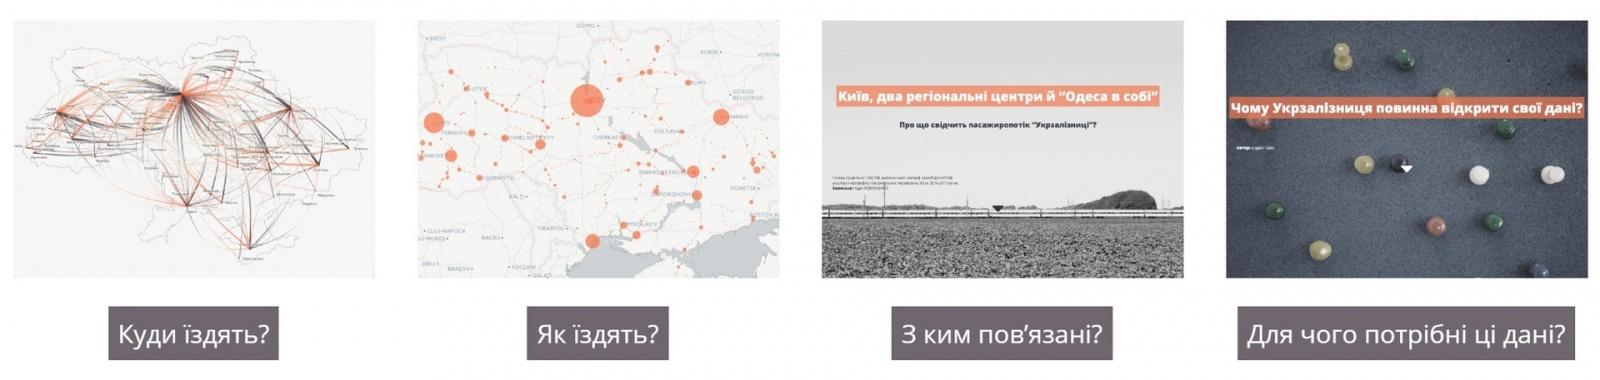 О развитии сферы открытых данных в Украине - 3